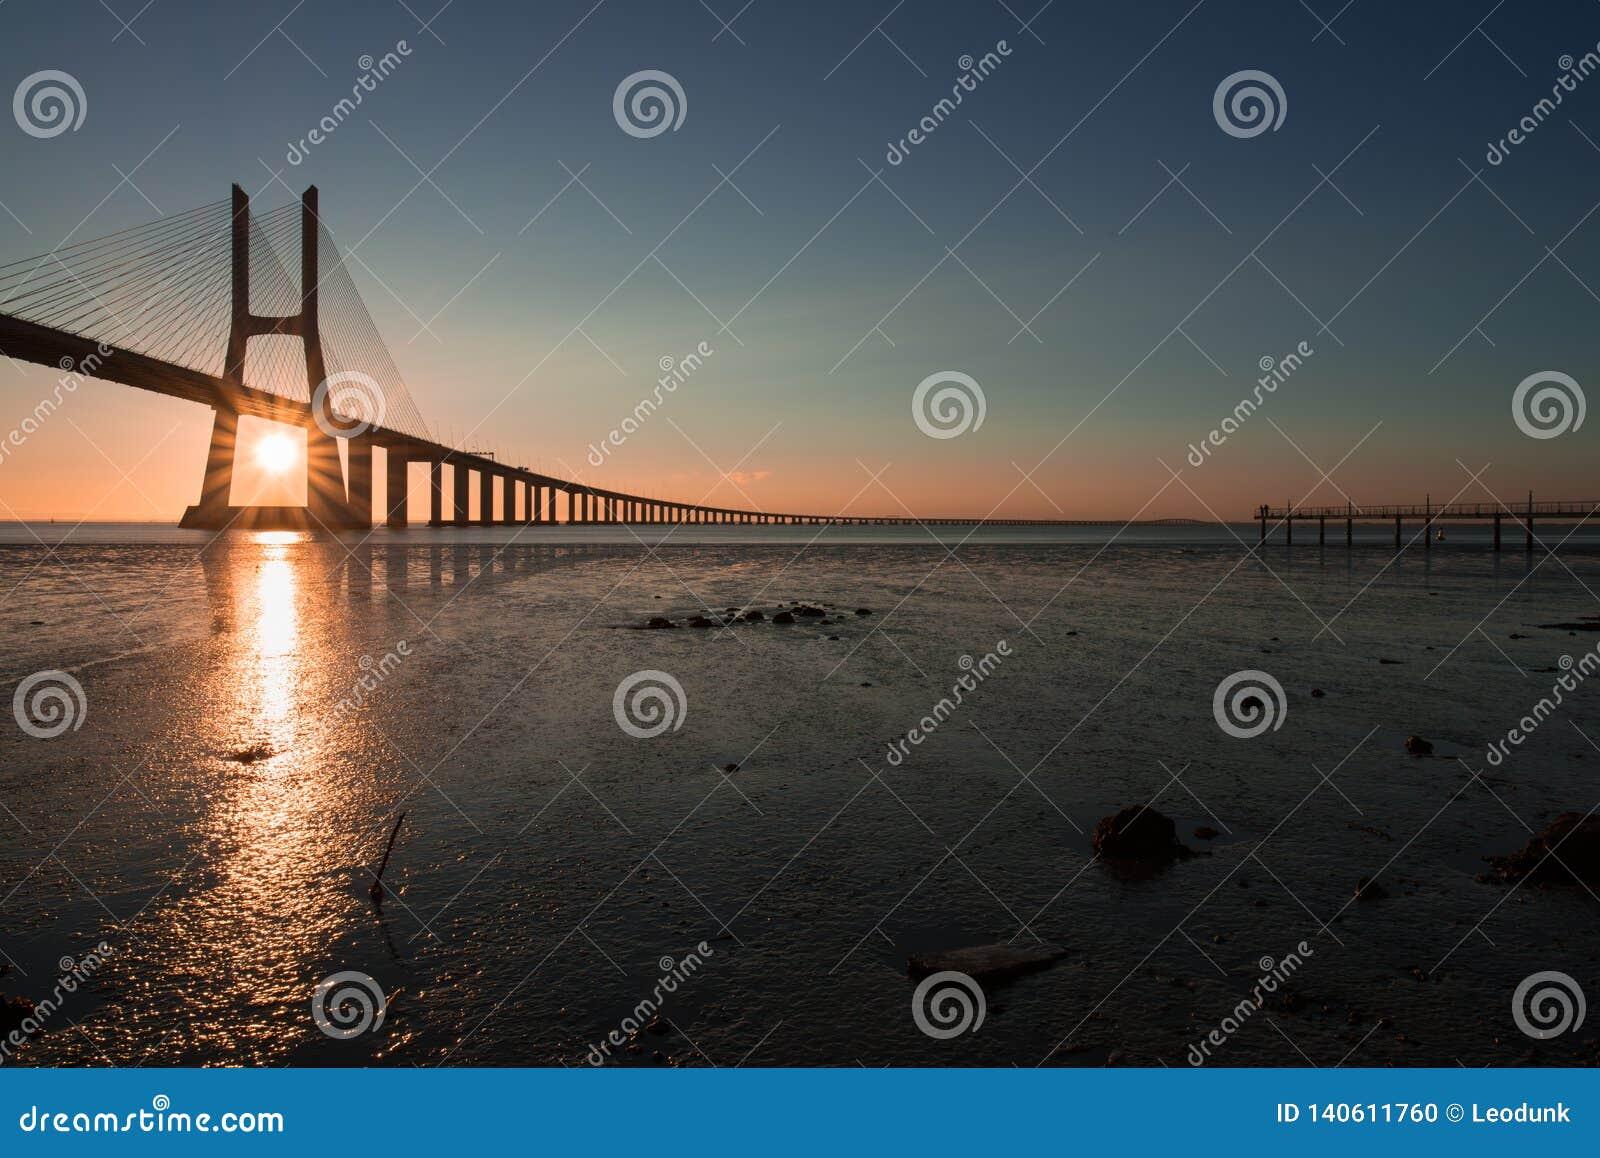 在瓦斯考de Gama Bridge的美丽的阳光在里斯本 蓬特瓦斯考de Gama,里斯本,葡萄牙